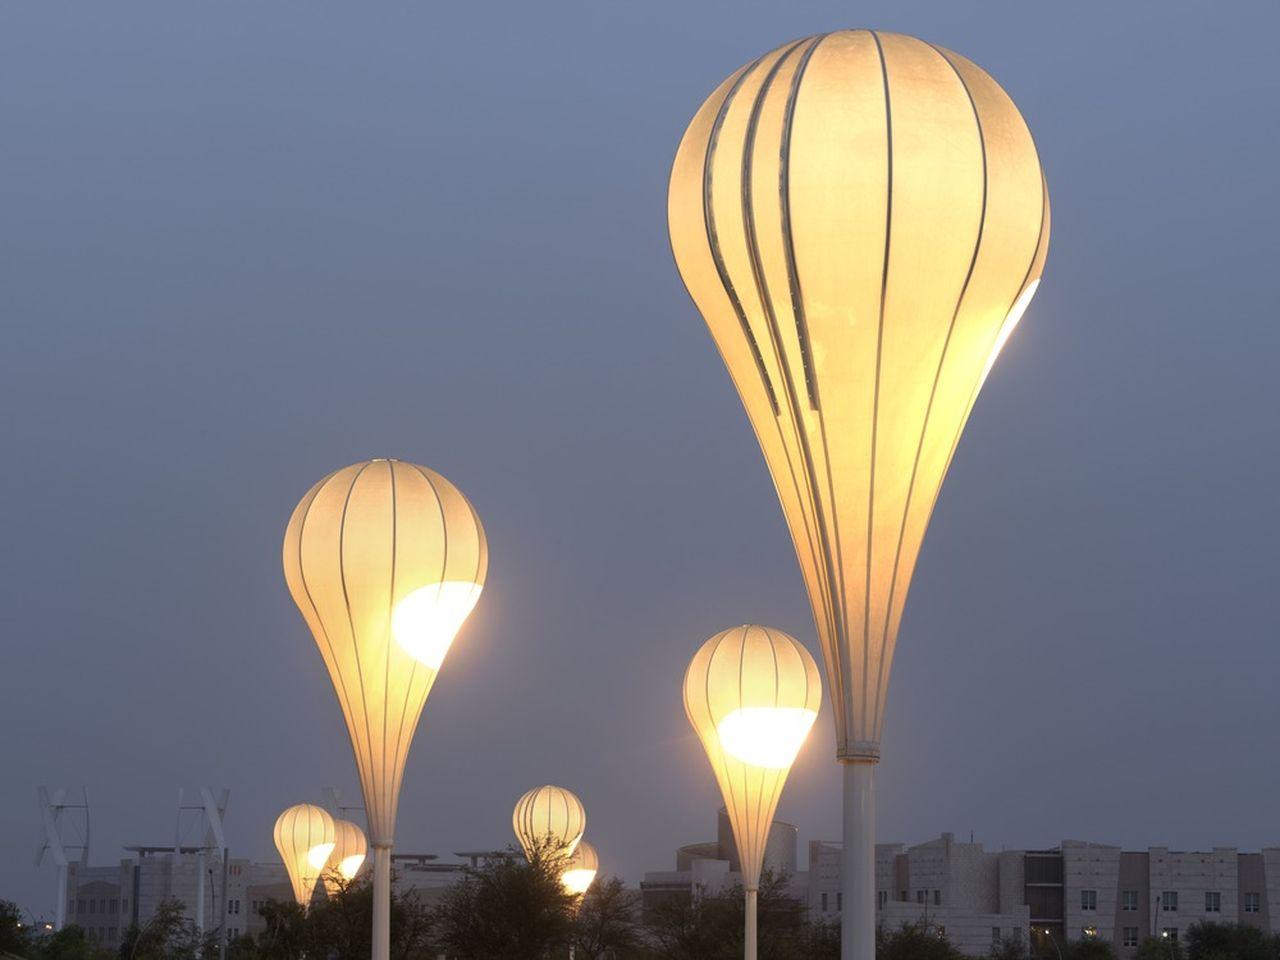 Balloon Lights : Photo credit © Markus Elblaus